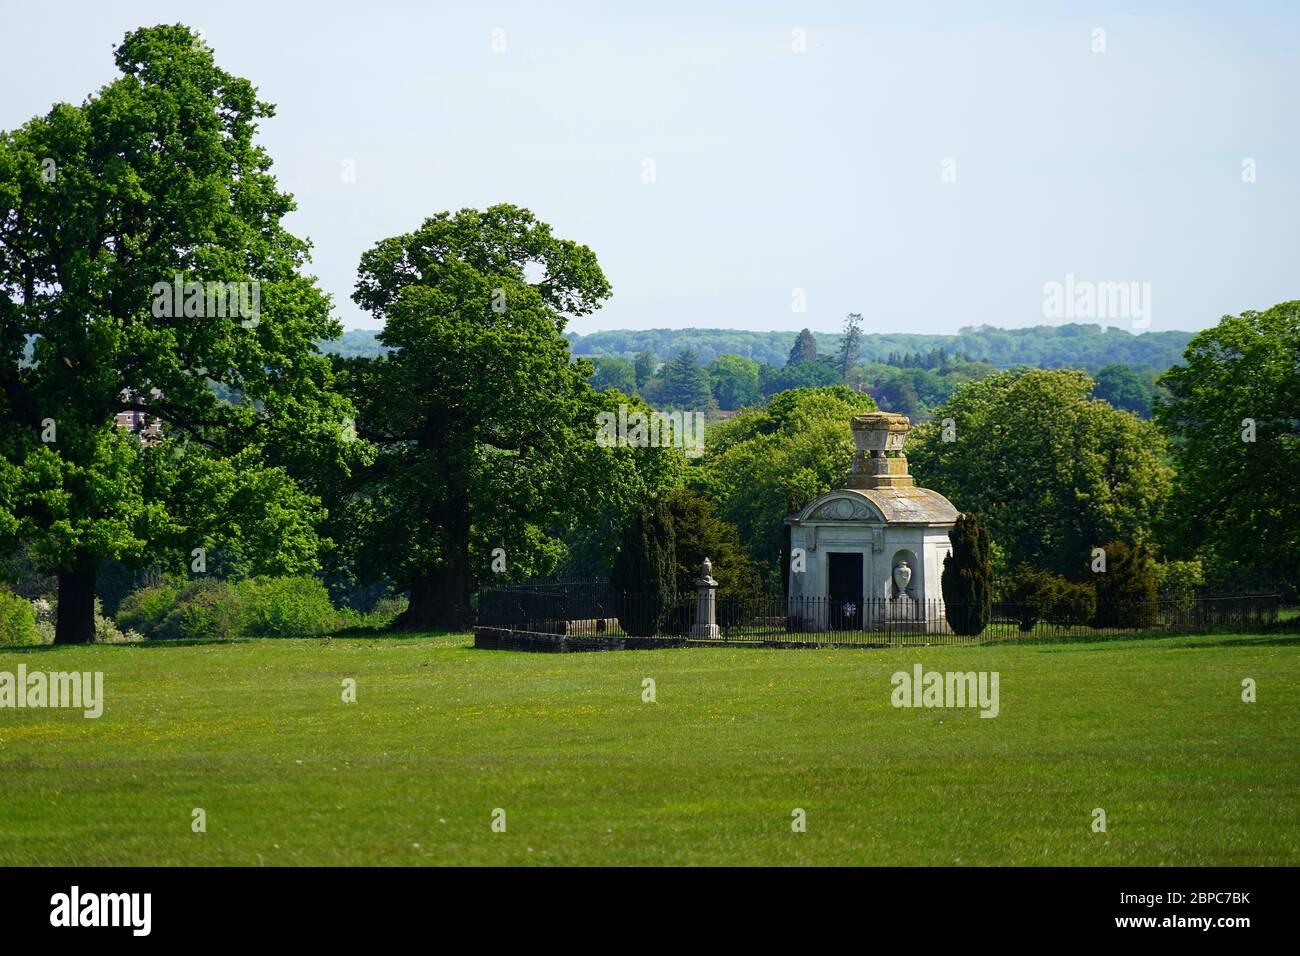 Le mausolée de la famille Lytton dans le parc Knebworth Banque D'Images